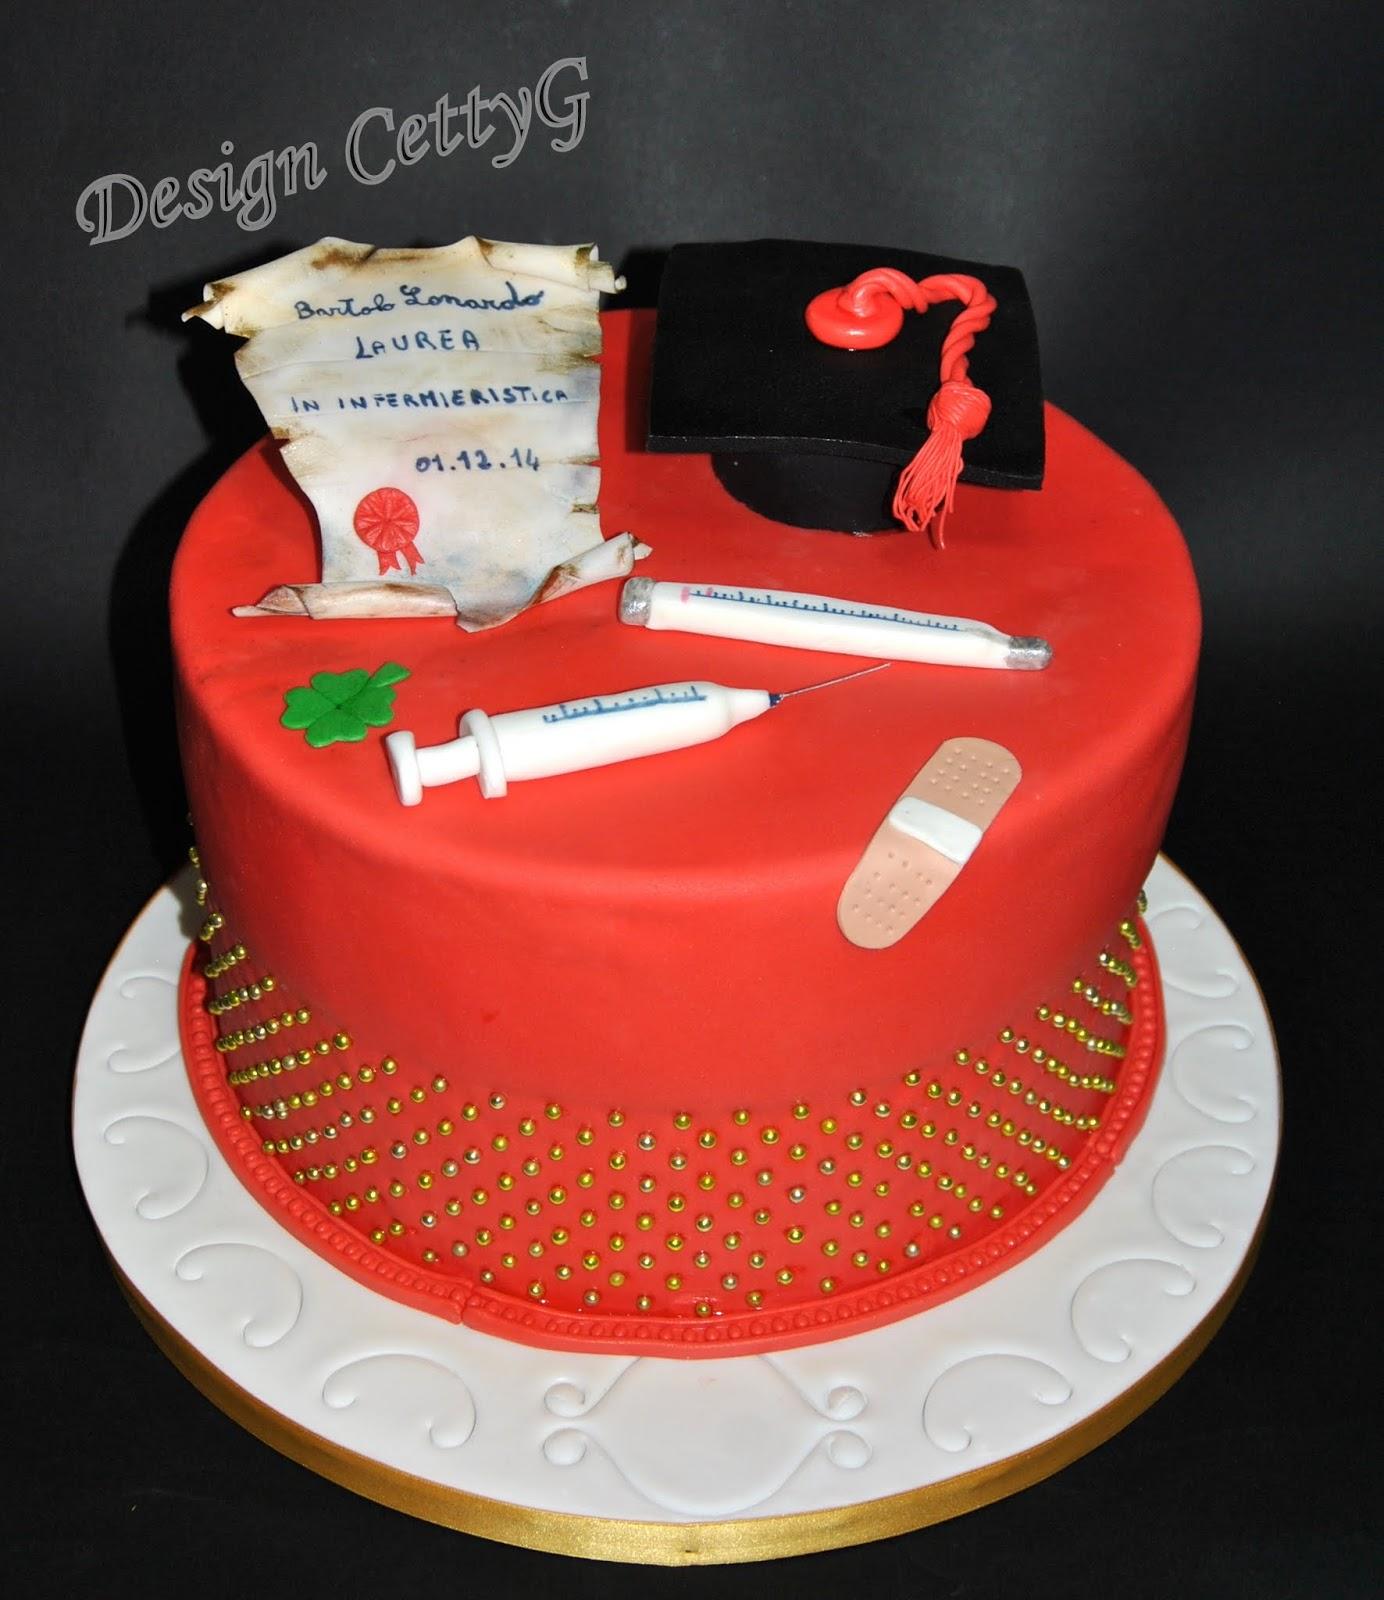 Torta Cake Design Torino : Le torte decorate di CettyG...: dicembre 2014